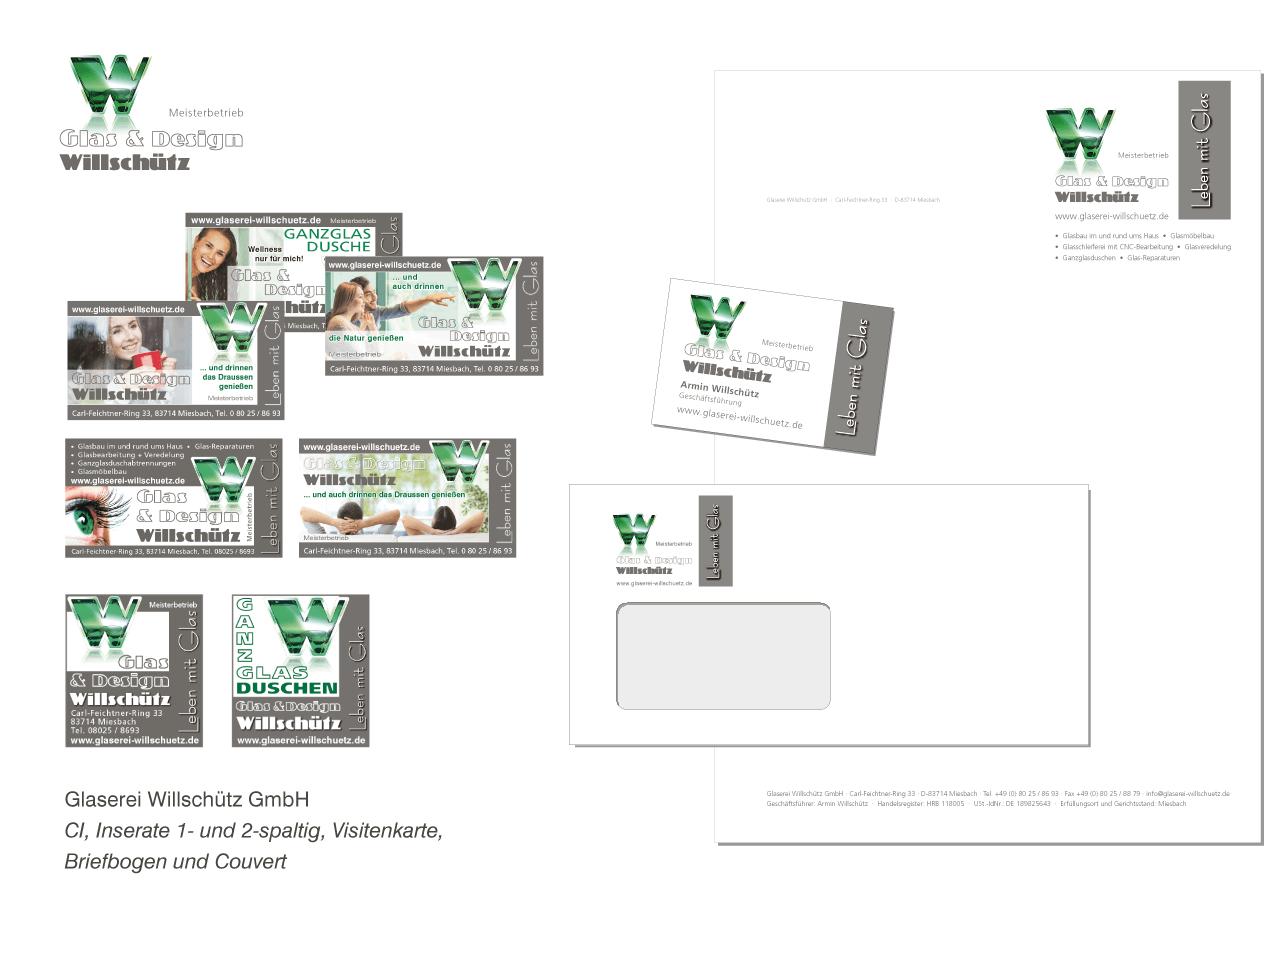 Glaserei Willschütz GmbH - Corporate Design, Inseratgestaltung, Visitenkarte, Briefbogen und Couvert